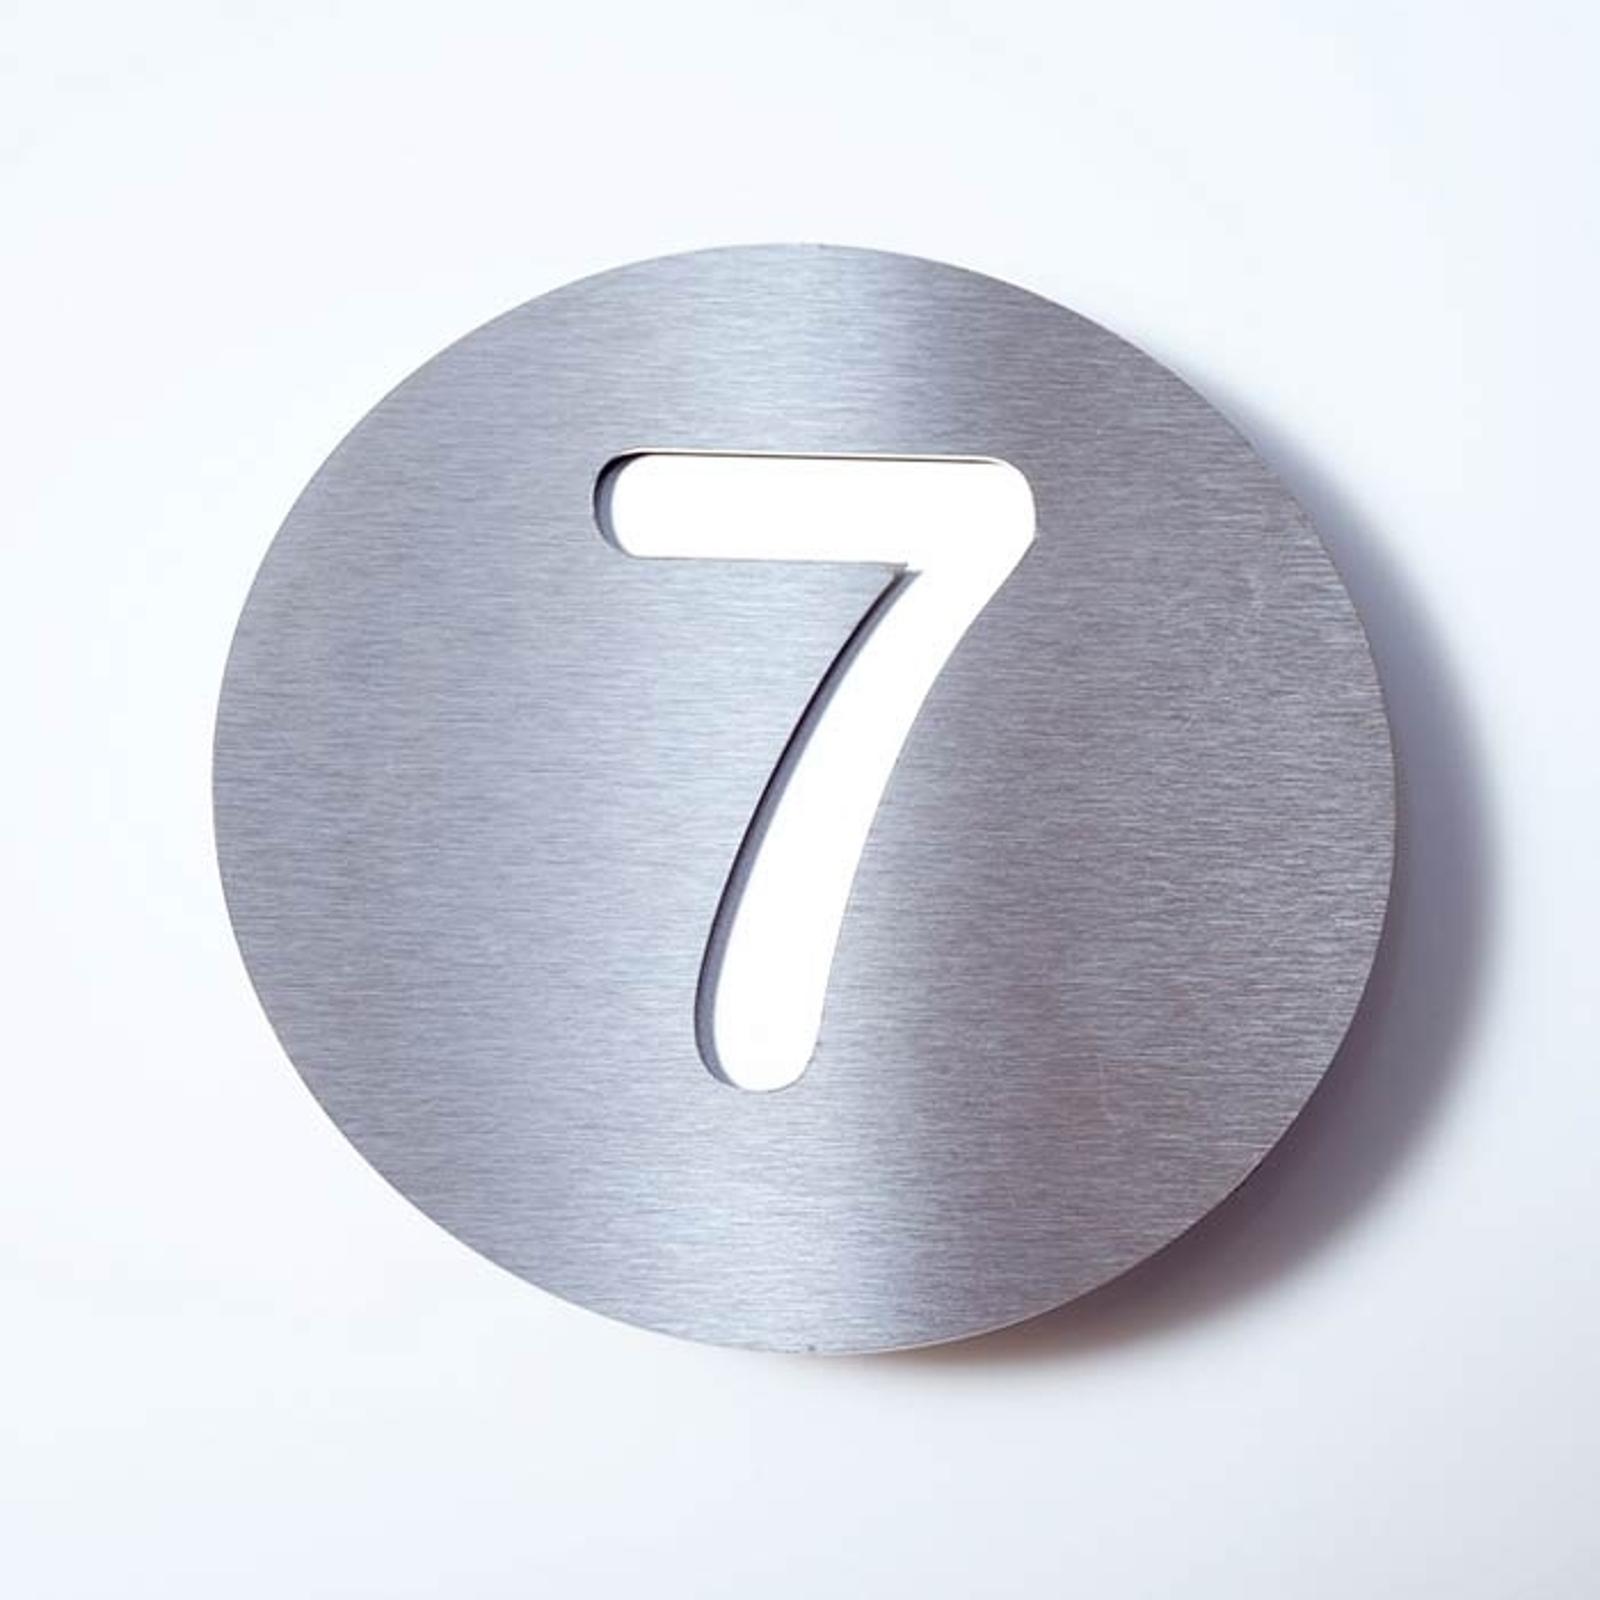 Domovní číslo Round z nerezu - 7